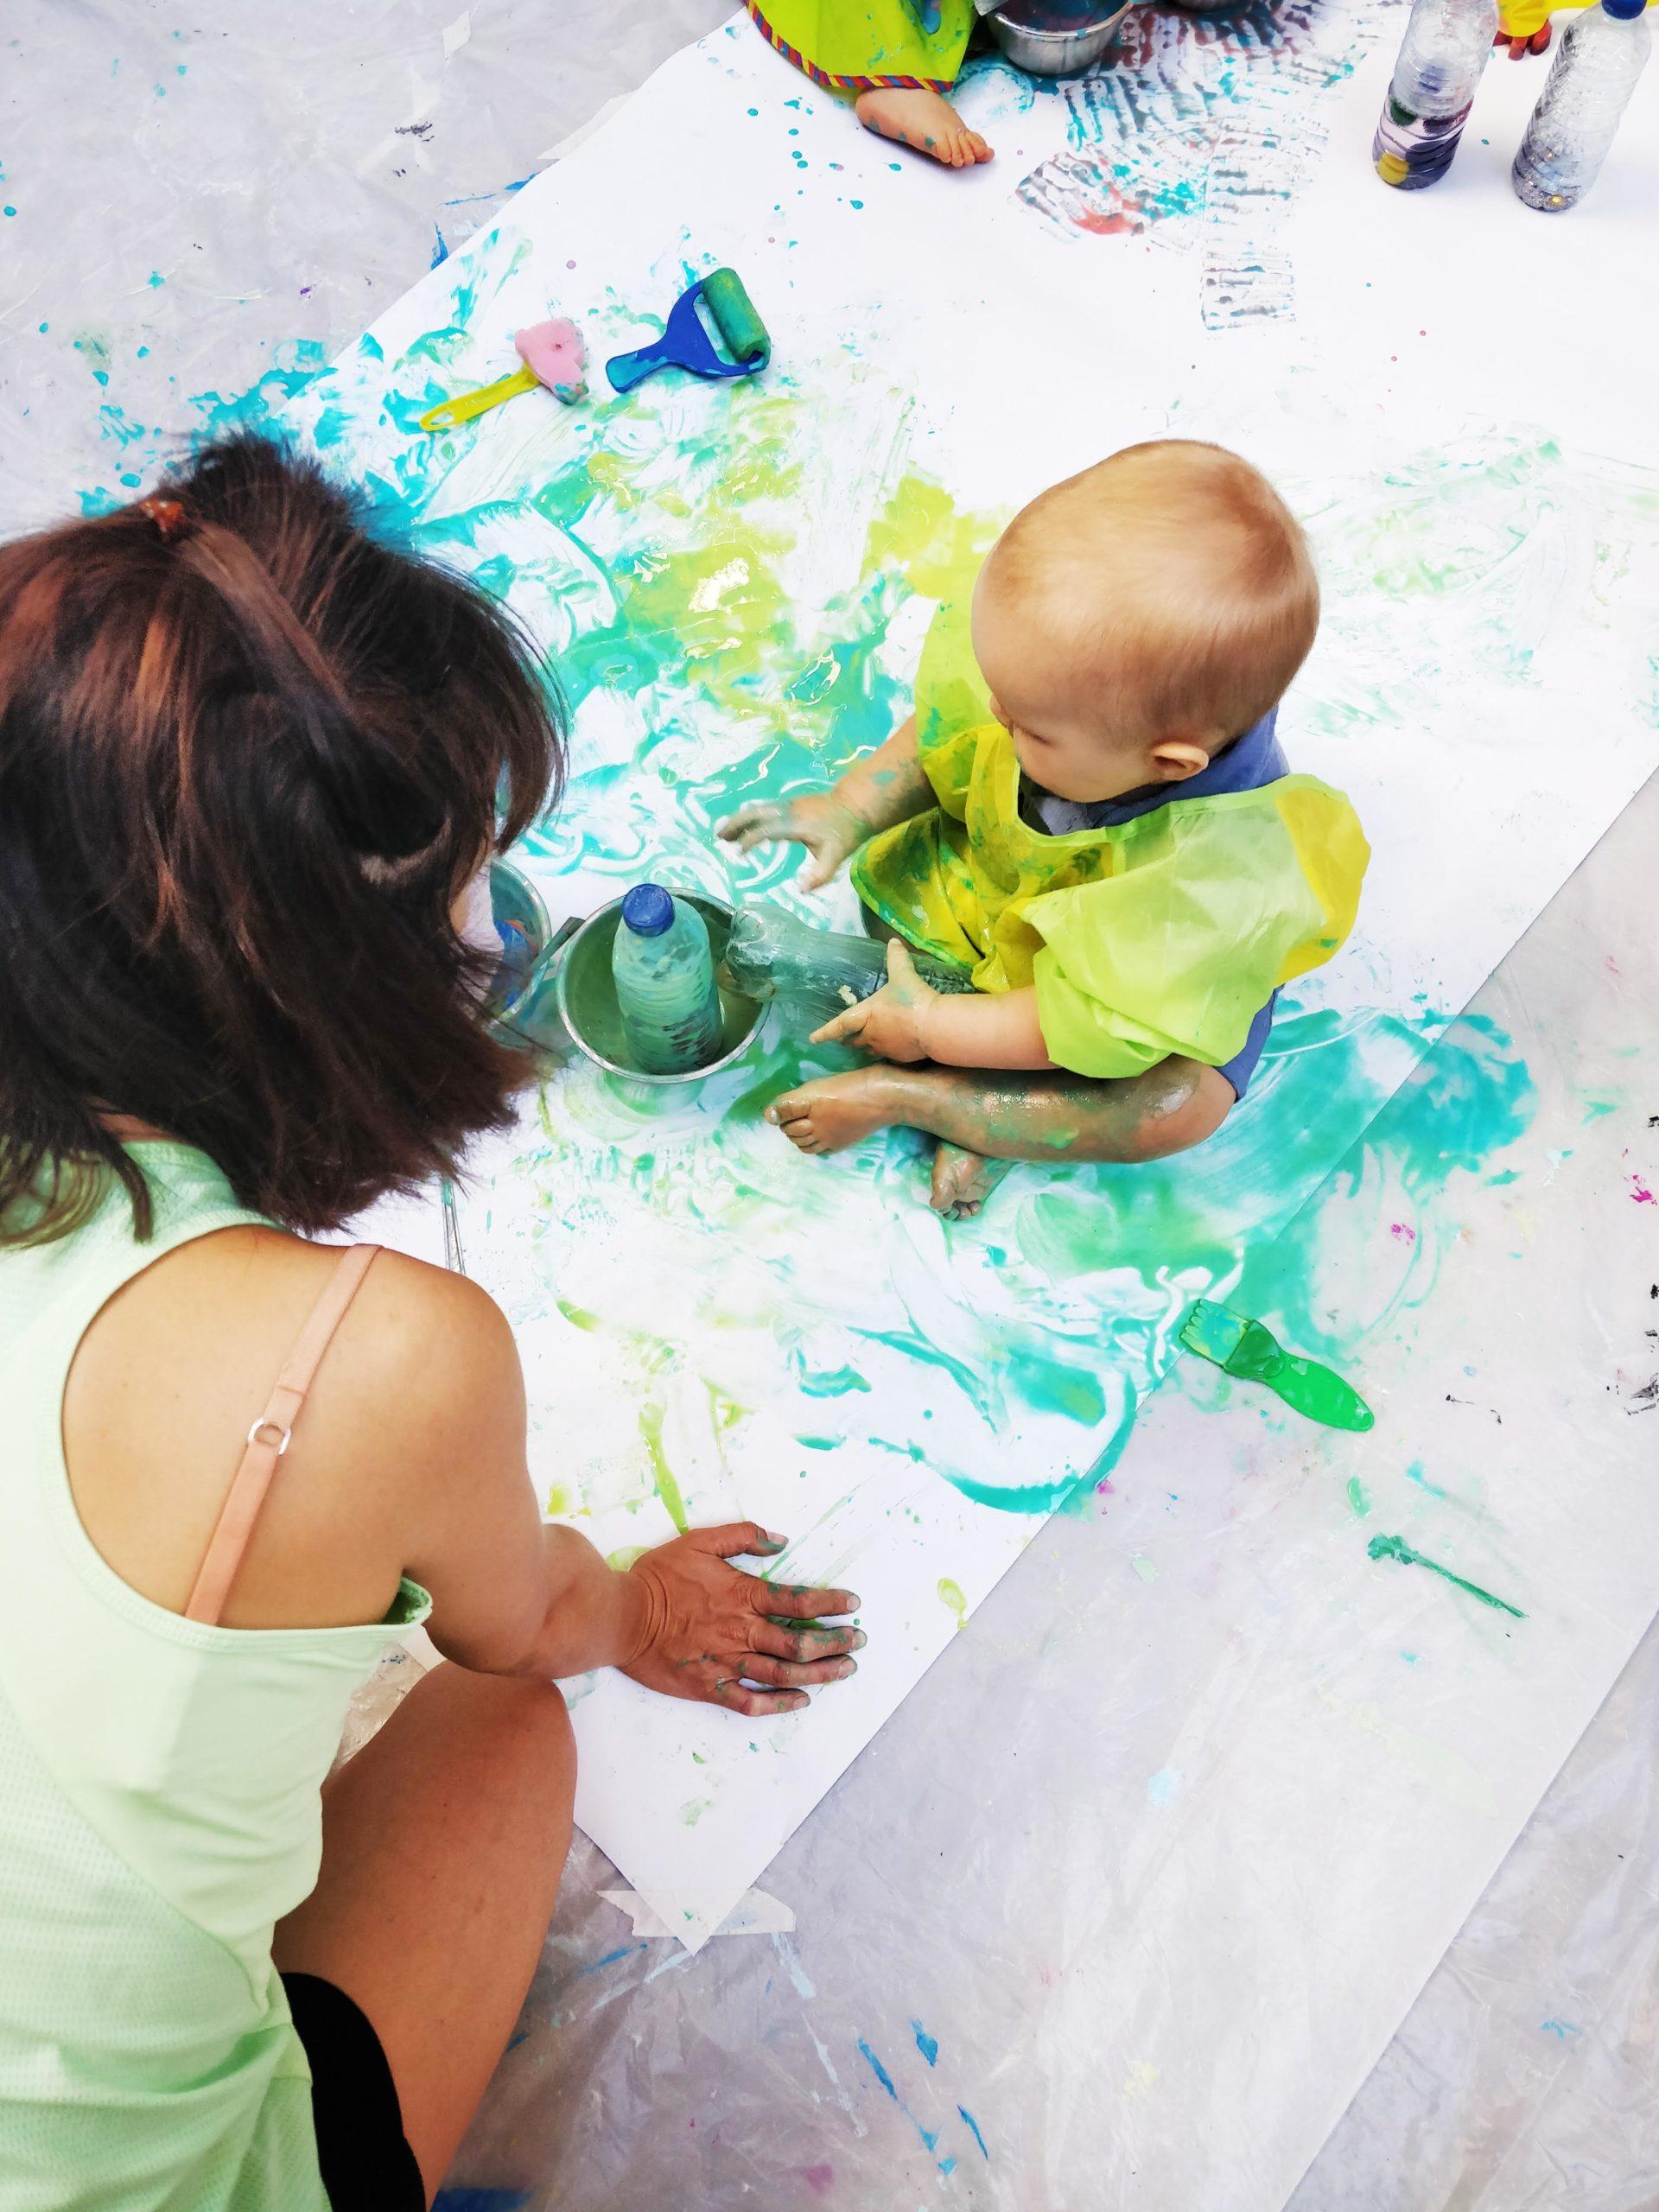 Le 25/06, atelier de peinture bébé chez A LITTLE FAMILY 13007 – 10h30